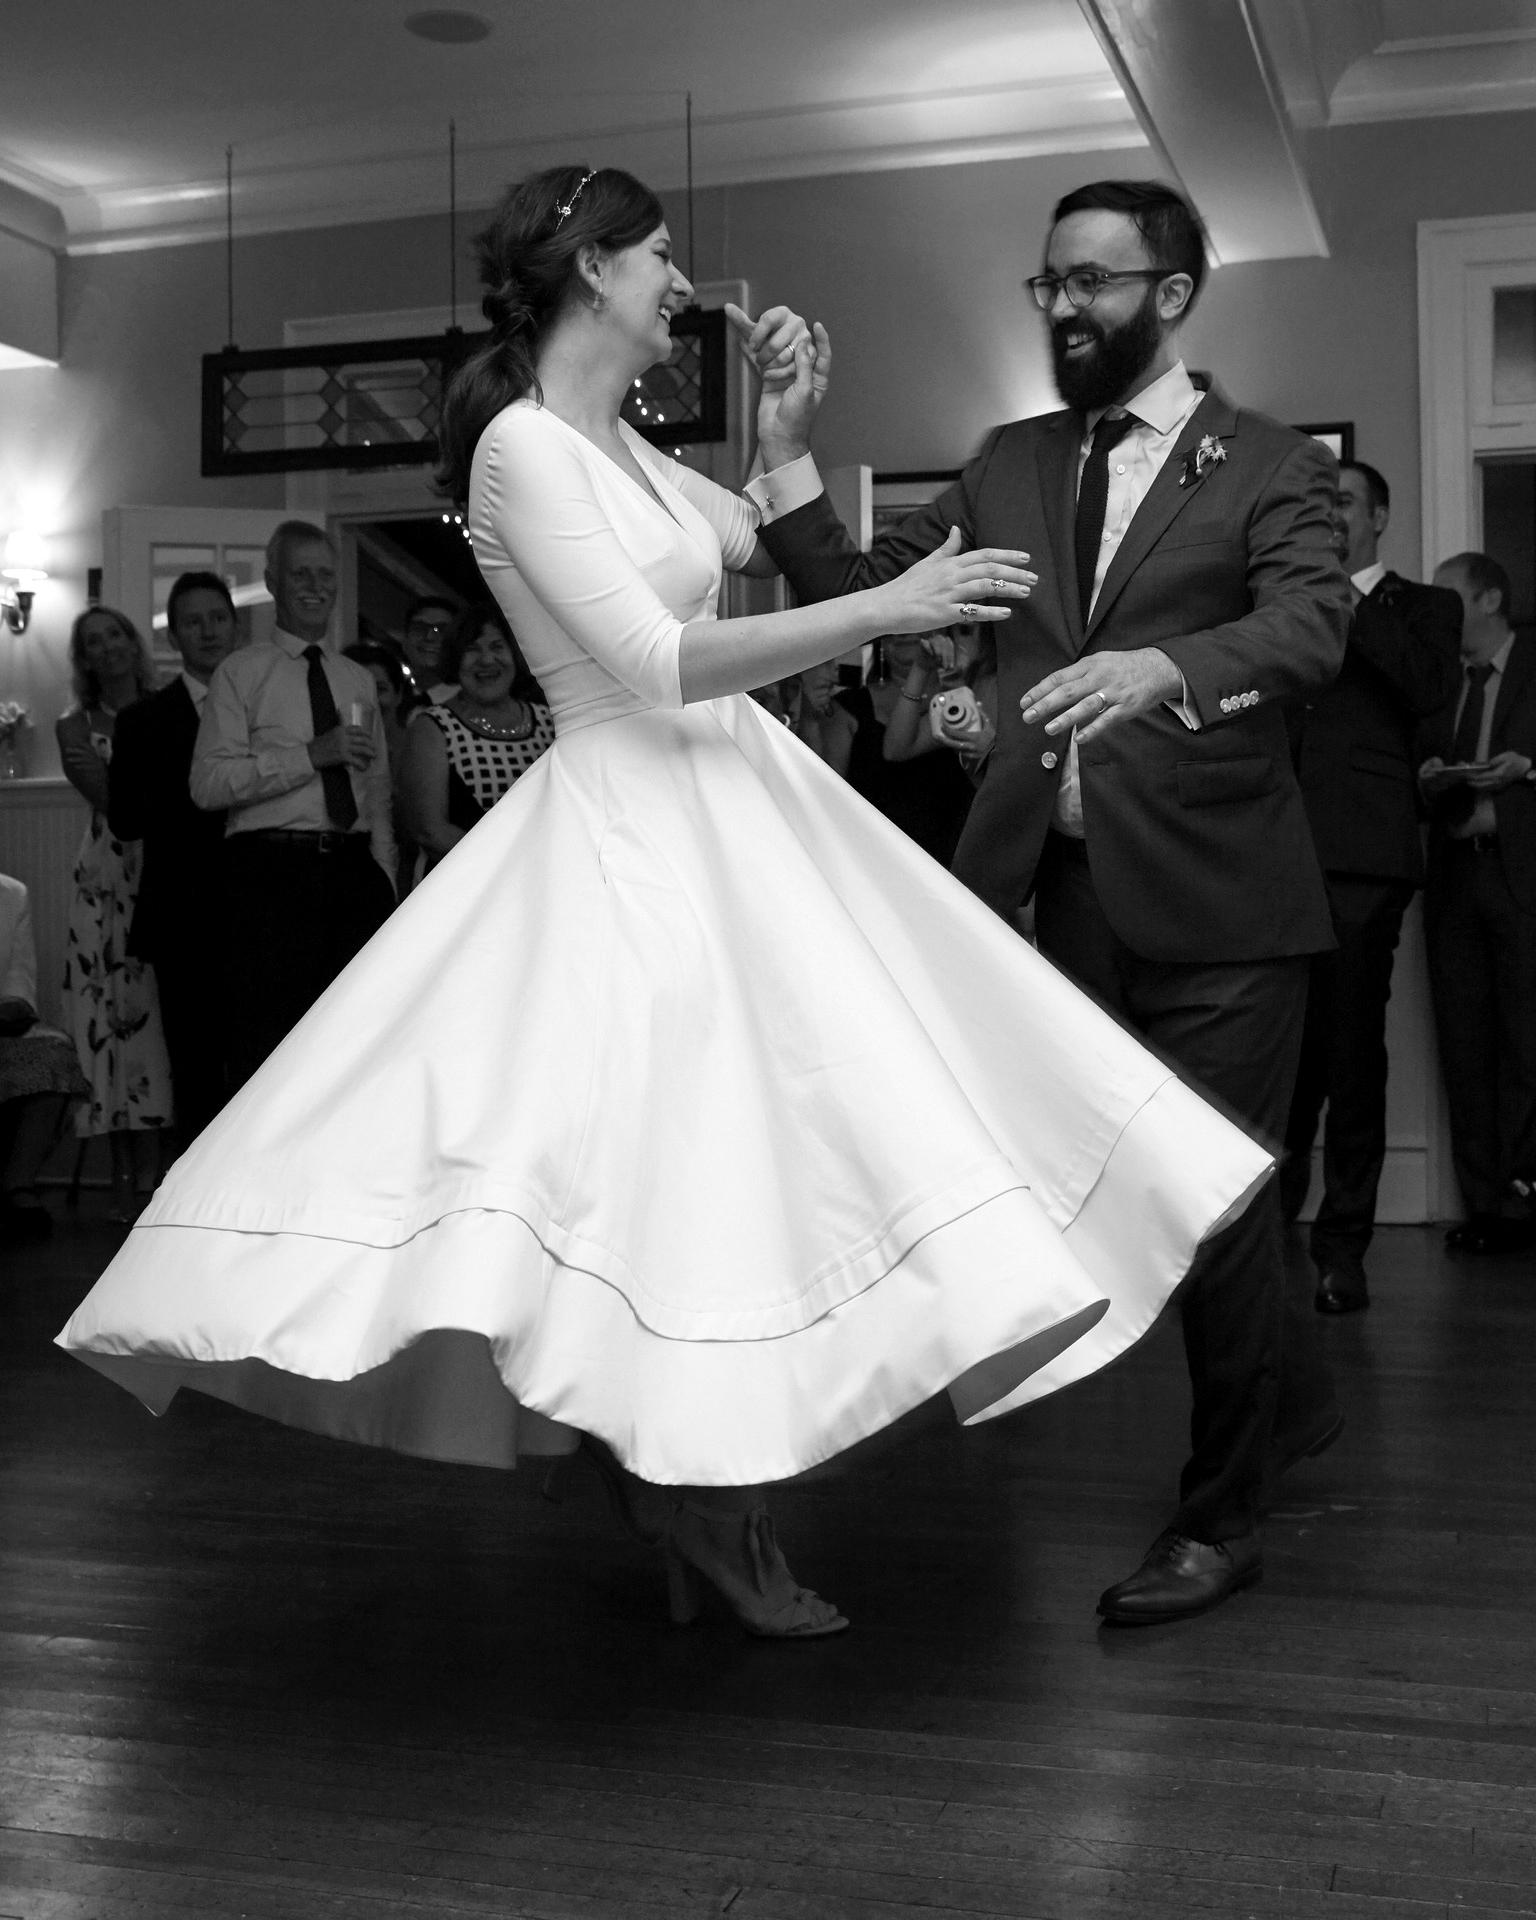 katie samuel couple dancing